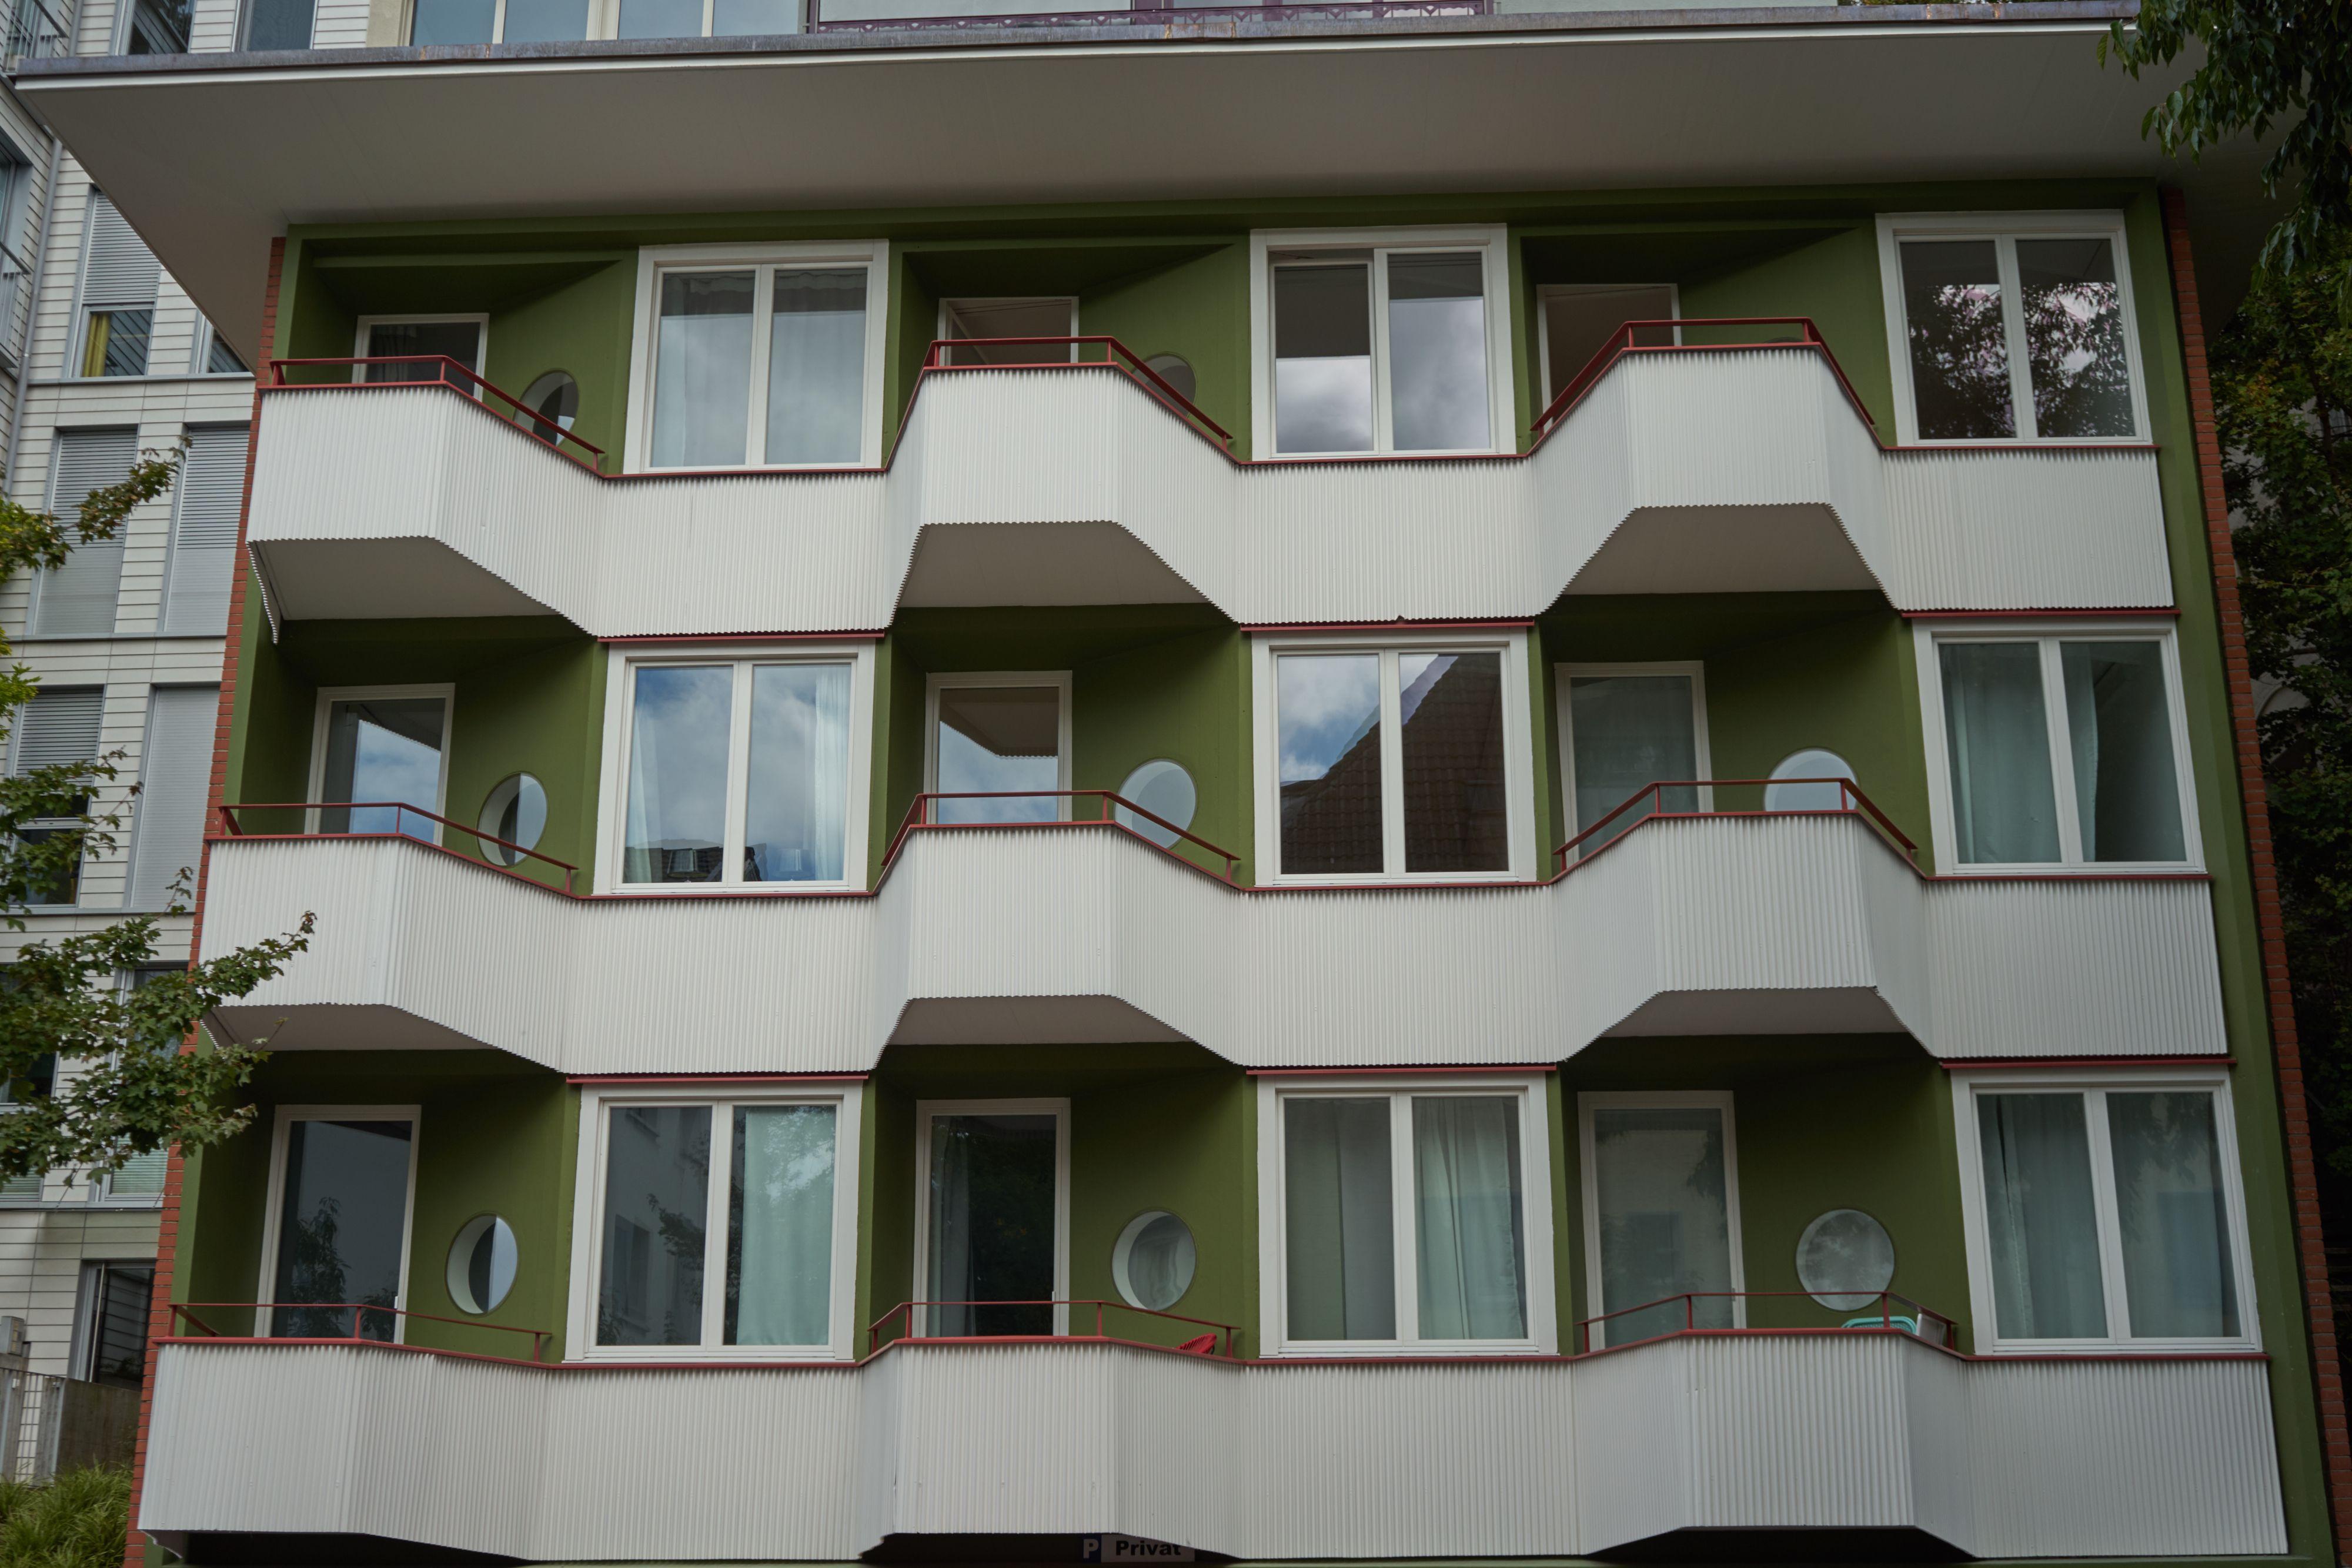 Die Renovierte Fassade Renovierung Appartementhaus Werner Stucheli Gebaut Von Kyncl Schaller Architekten 2016 Hammerstrasse 77 8 Architekt Haus Renovierung